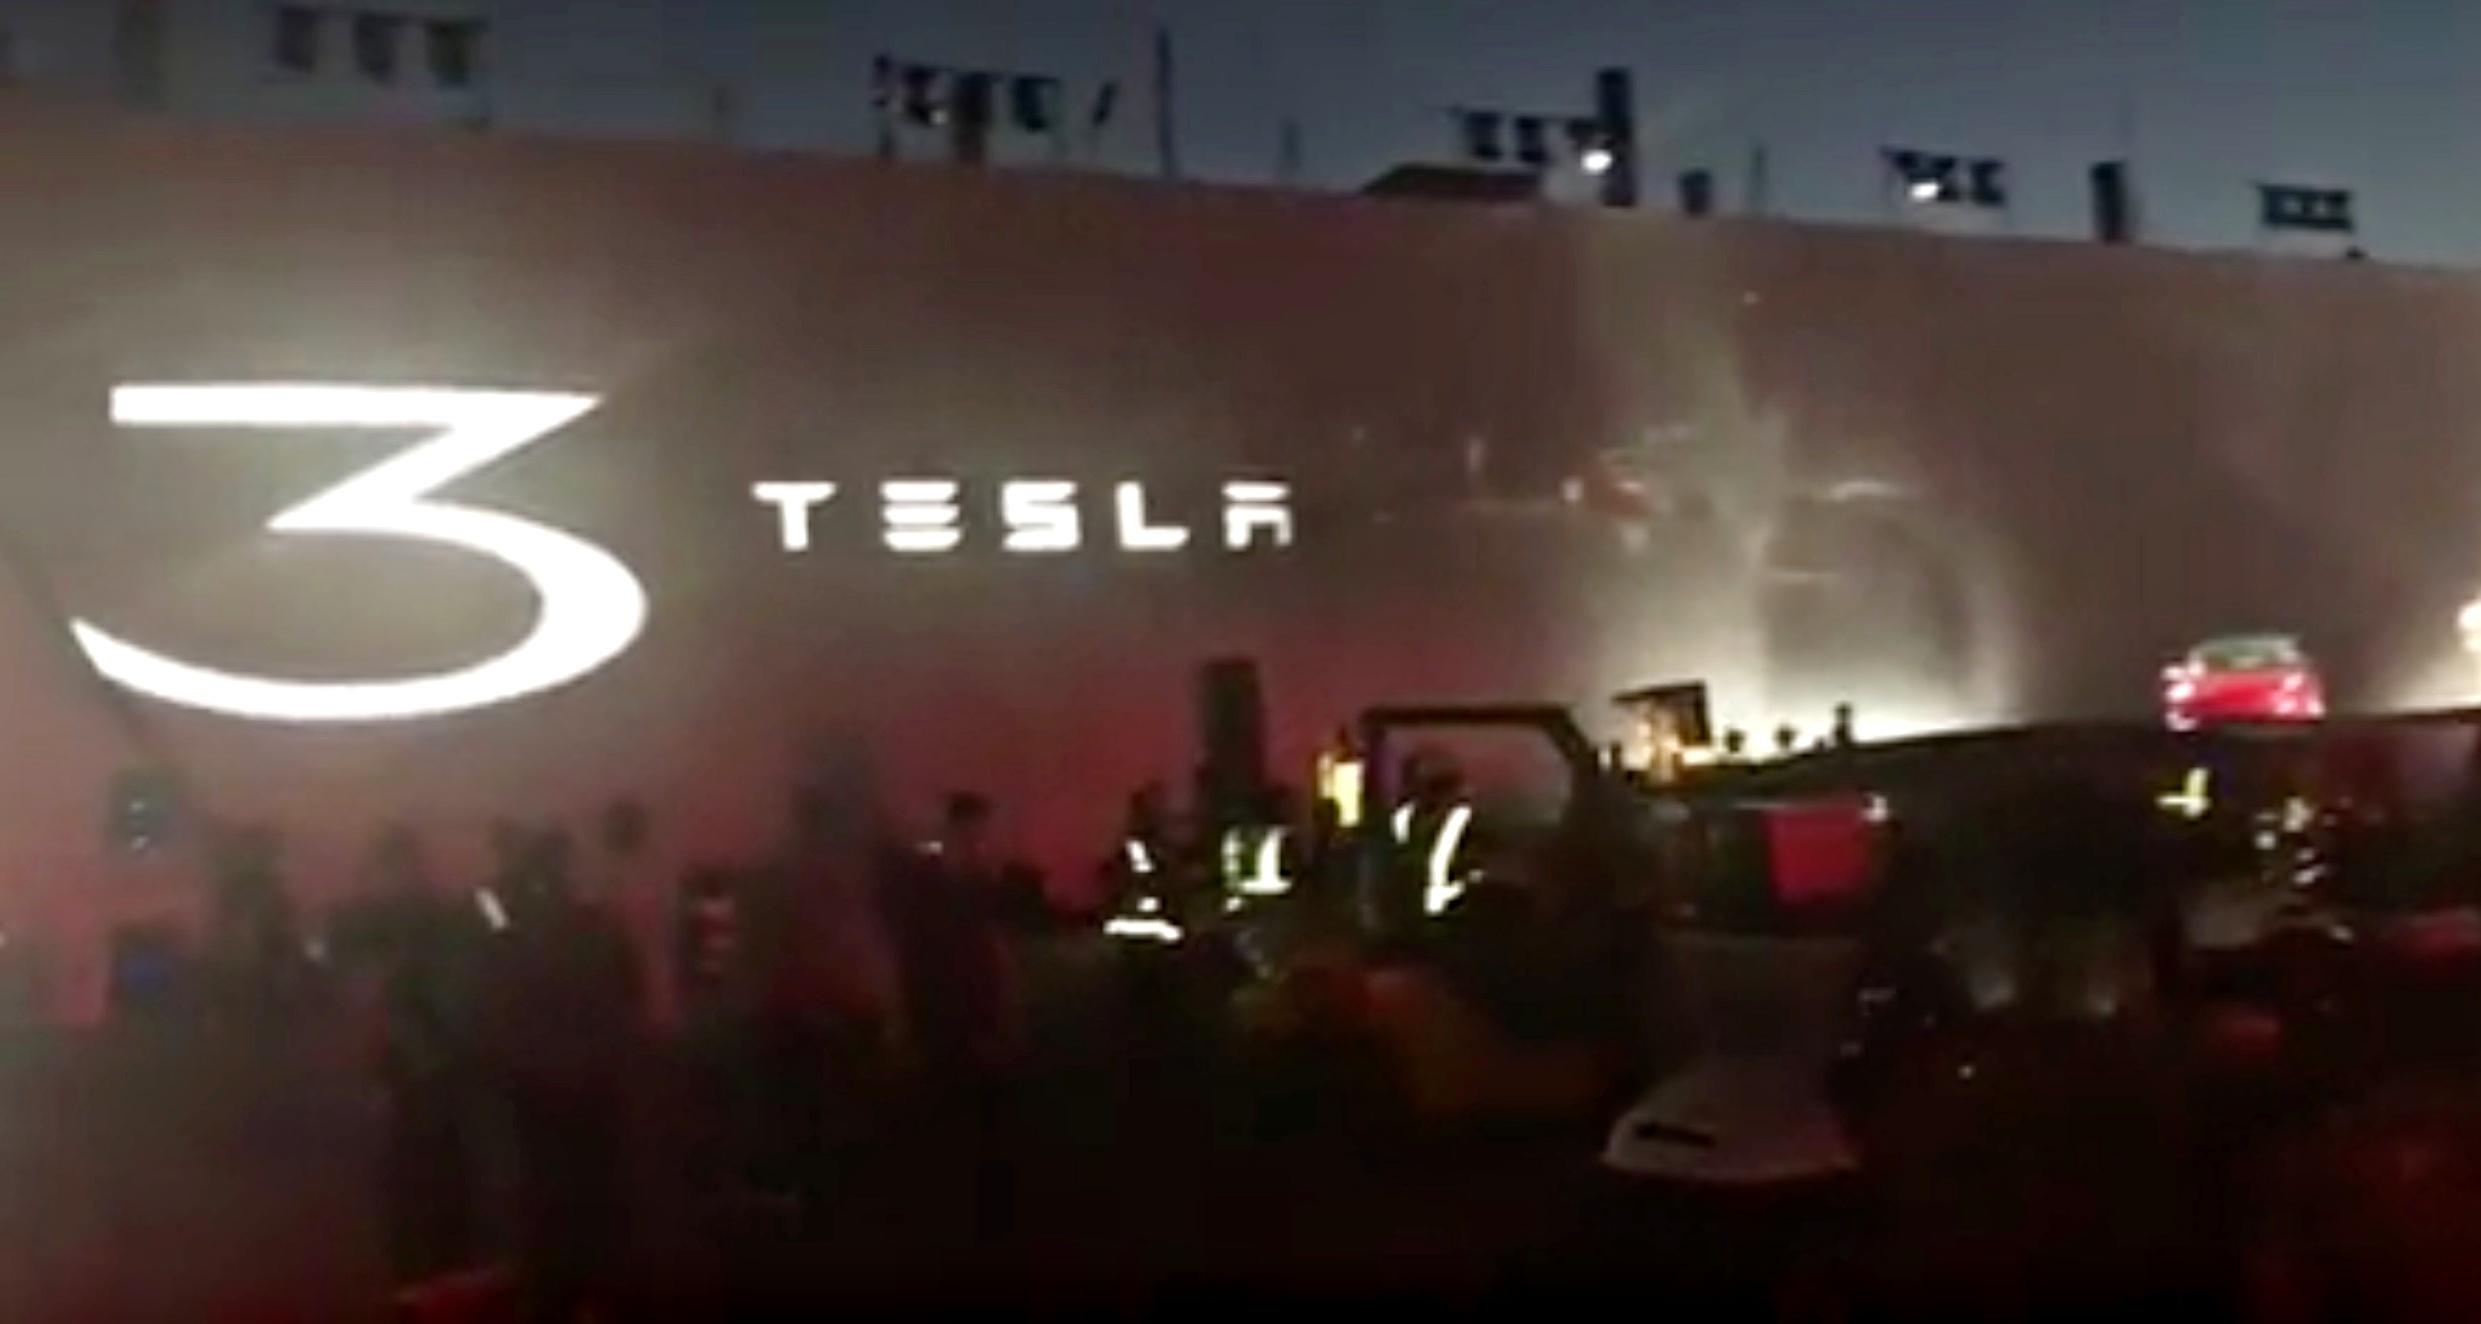 tesla-model-3-event-stage